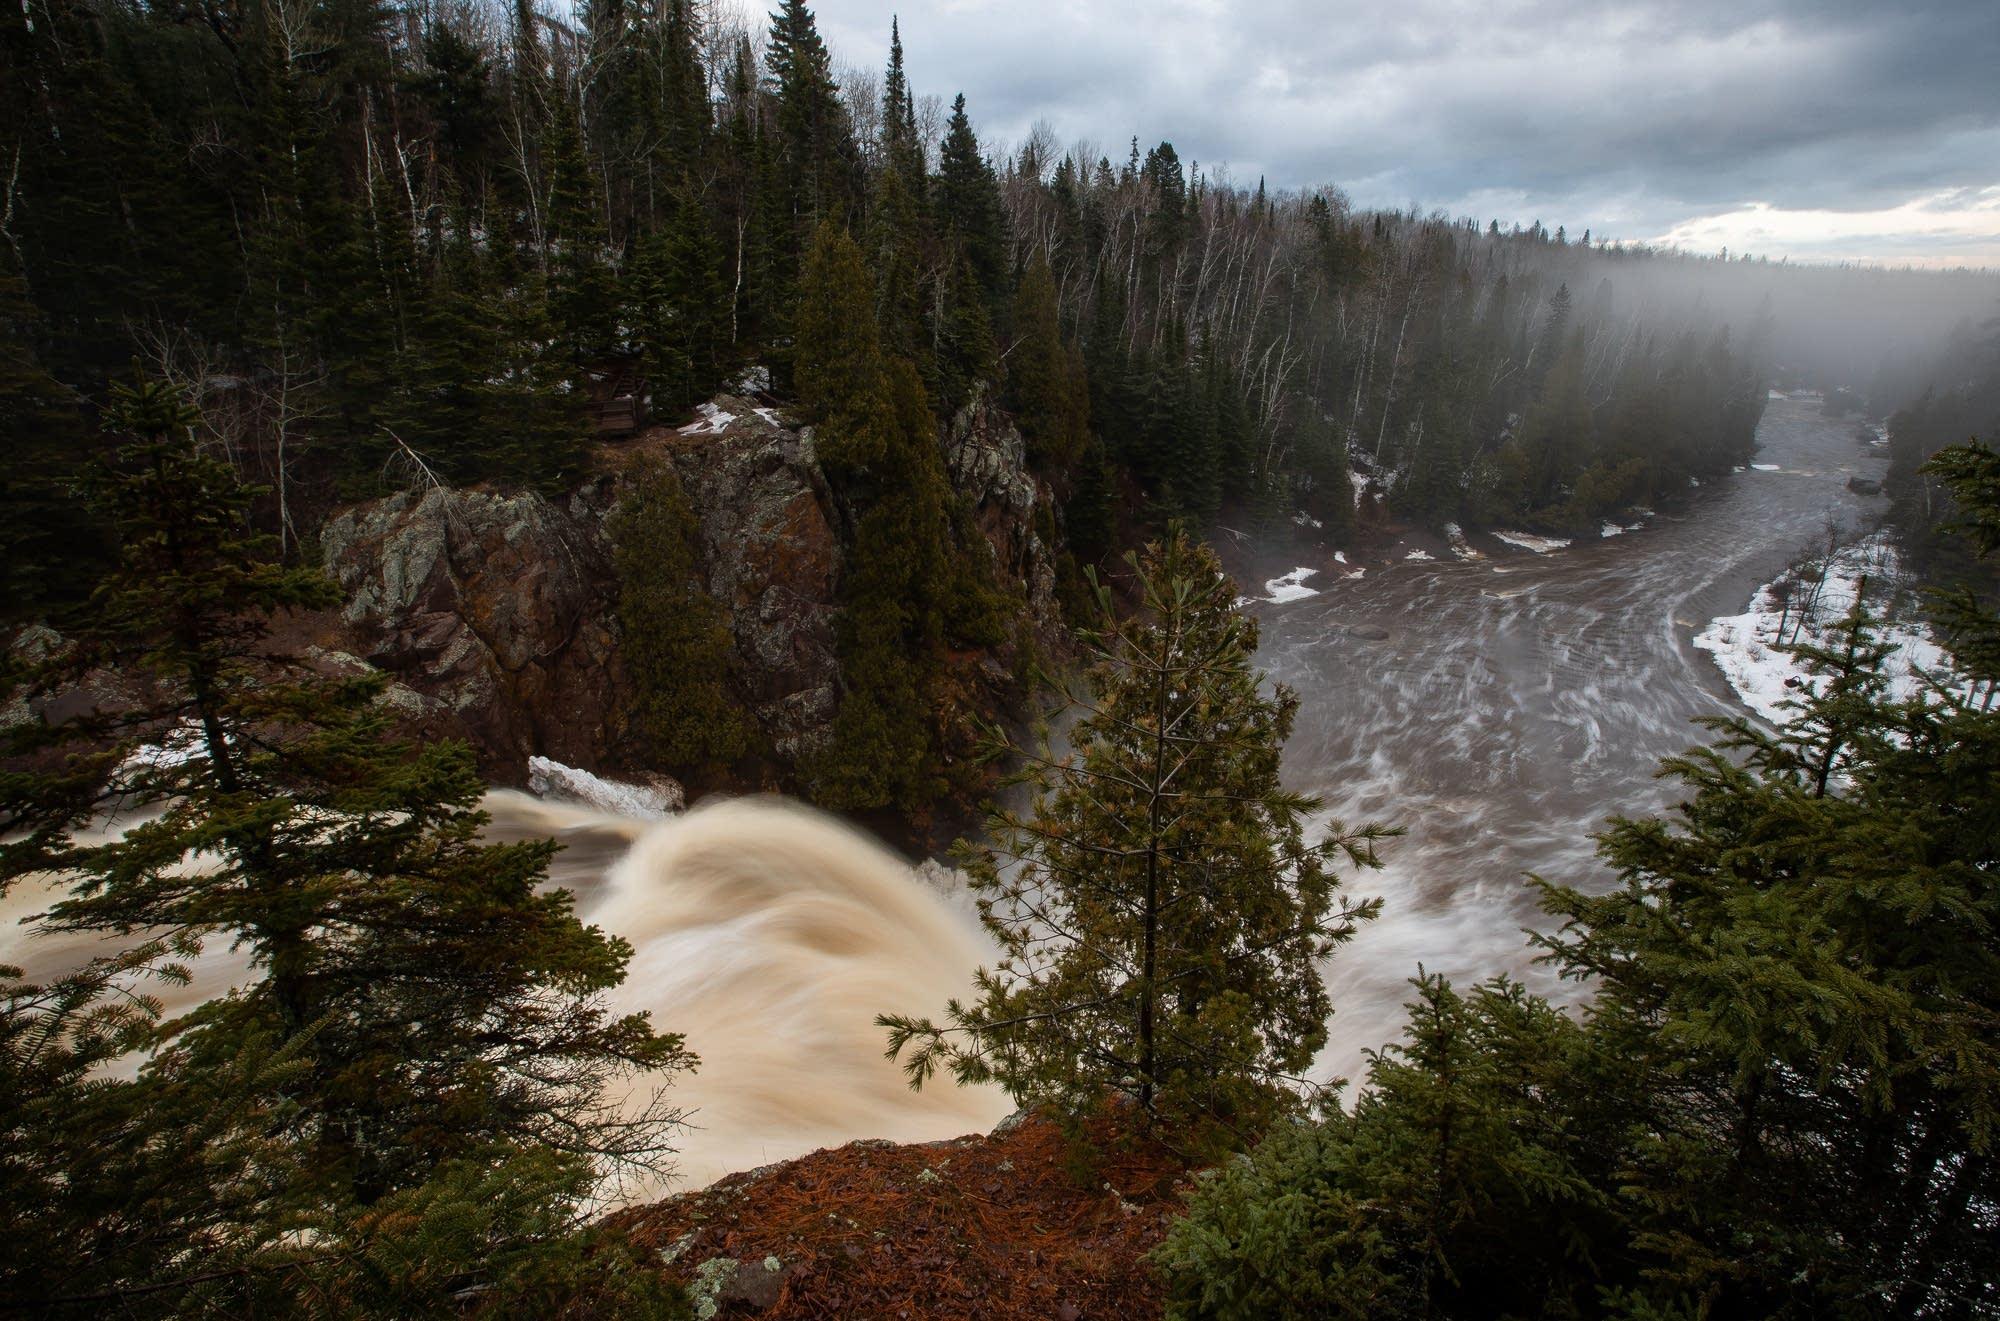 Tettegouche State Park high falls descends 70 feet